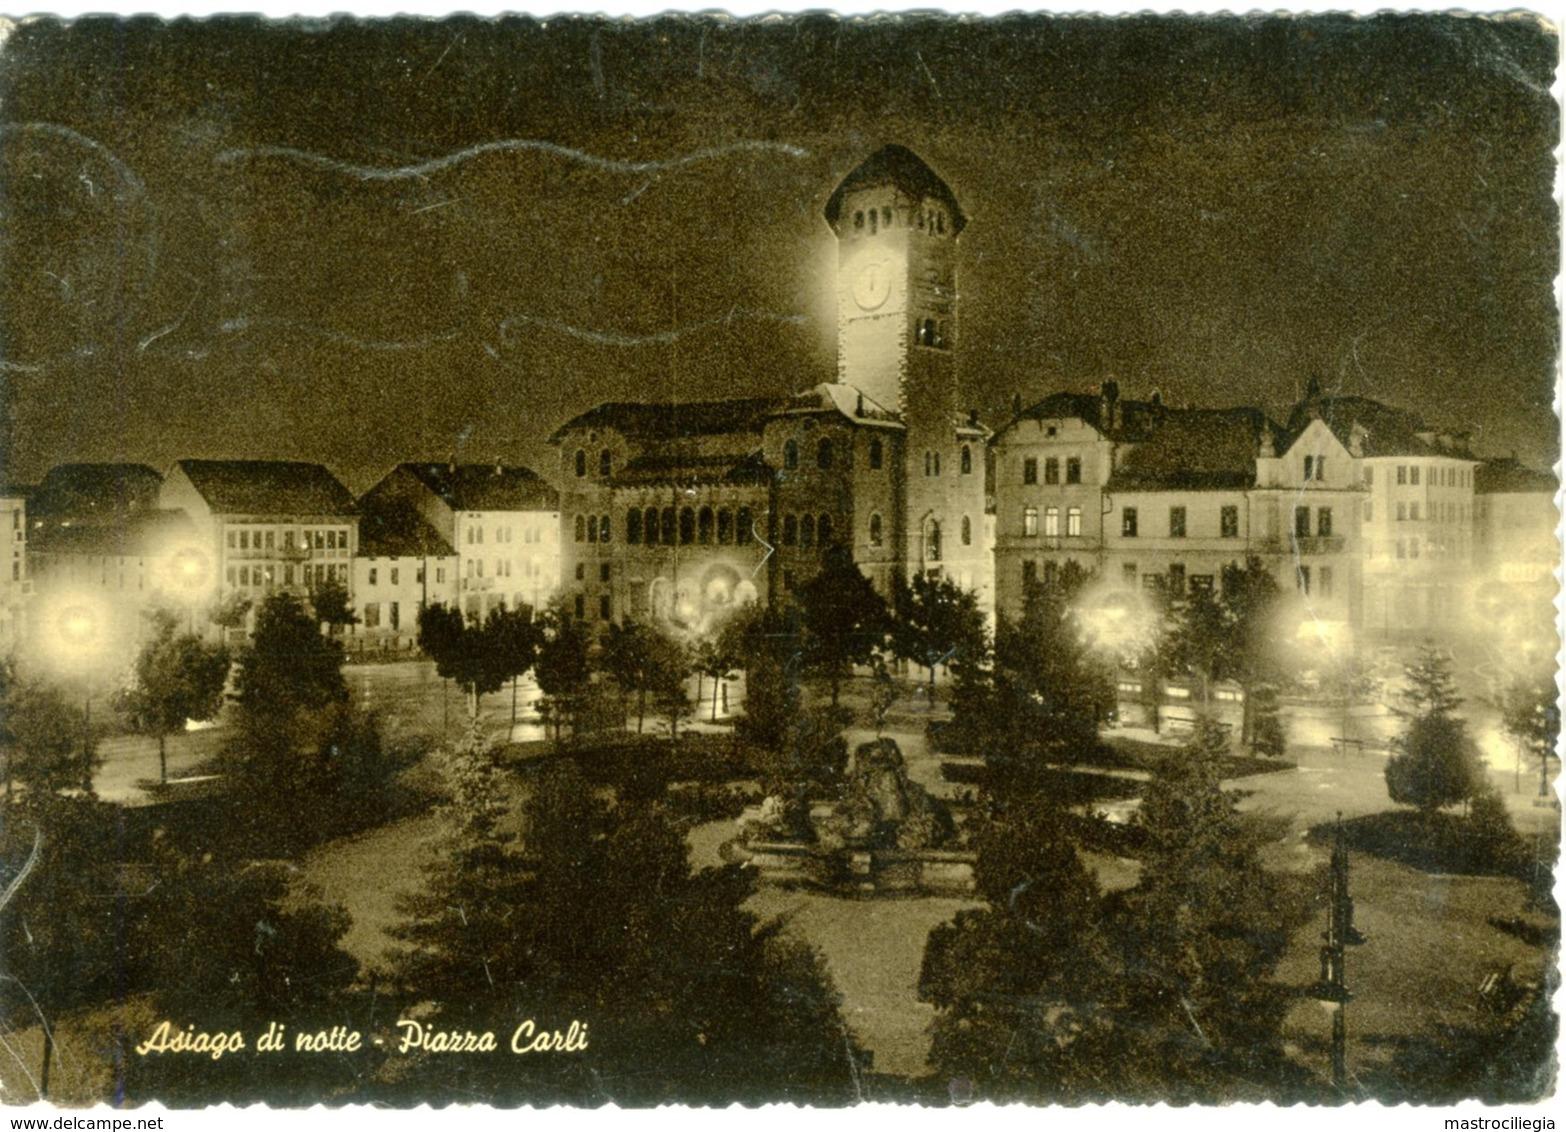 ASIAGO  VICENZA  Piazza Carli  Notturno - Vicenza